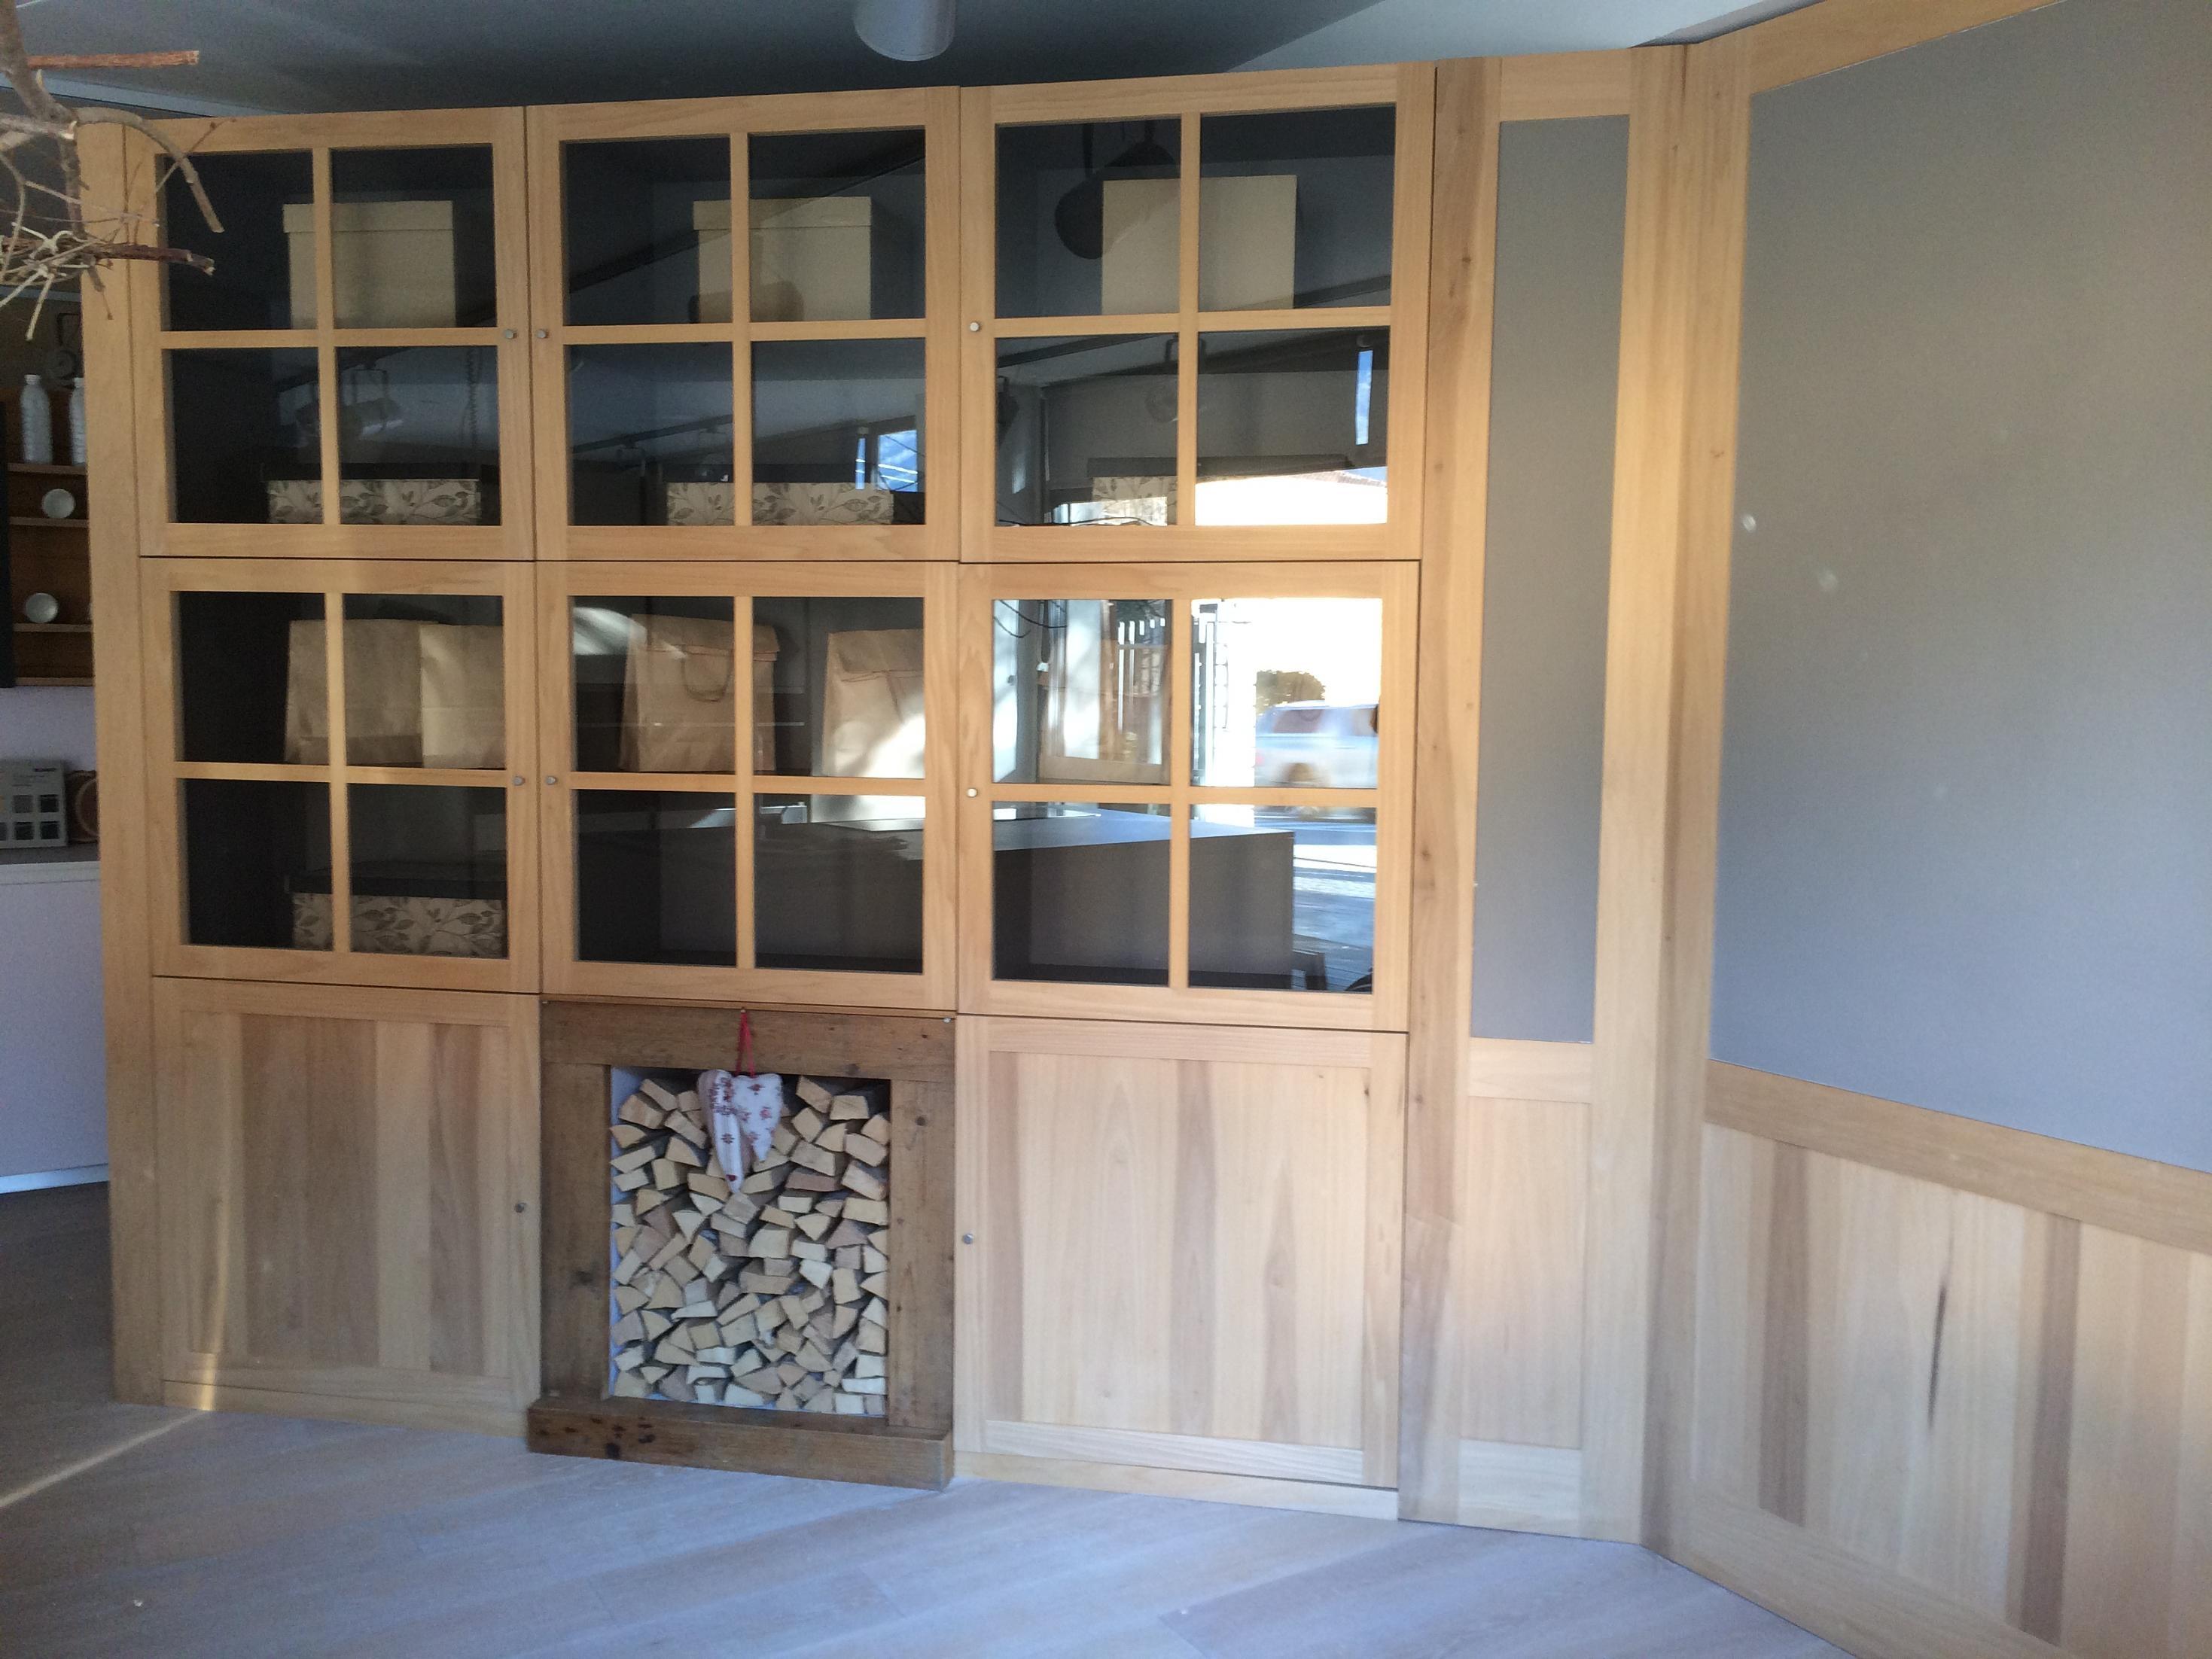 Soggiorno mobile libreria contenitore in legno massello - Libreria mobile ...